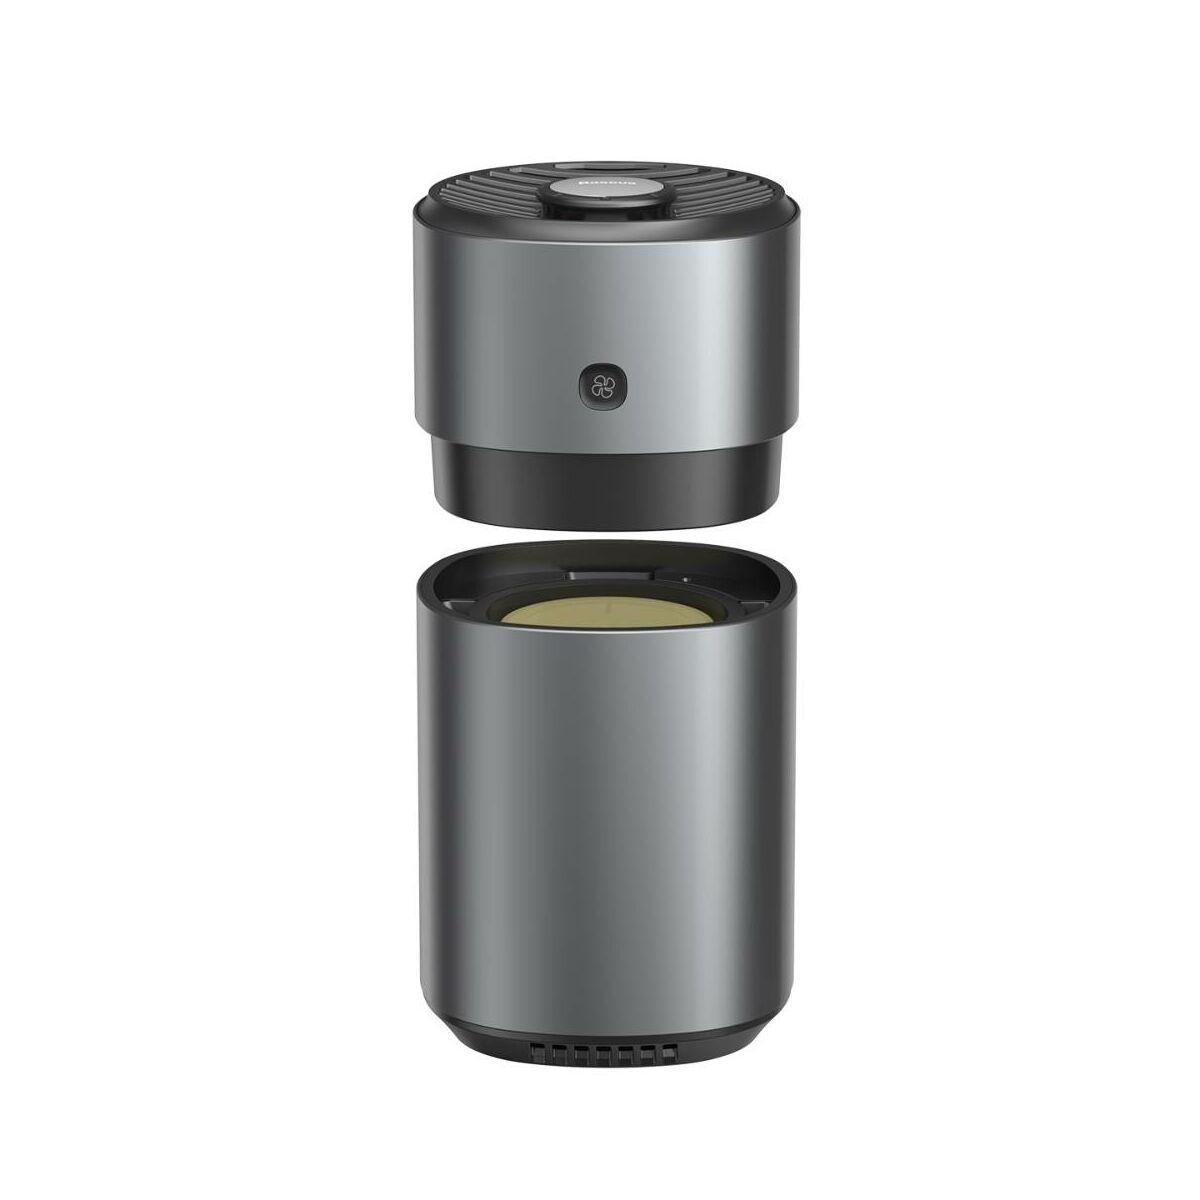 Baseus autós kiegészítő, Breeze Fan, ventilátoros légfrissítő, Formaldehid, akkumulátoros verzió 850 mAh, két illattal, fekete (SUXUN-AWF01)